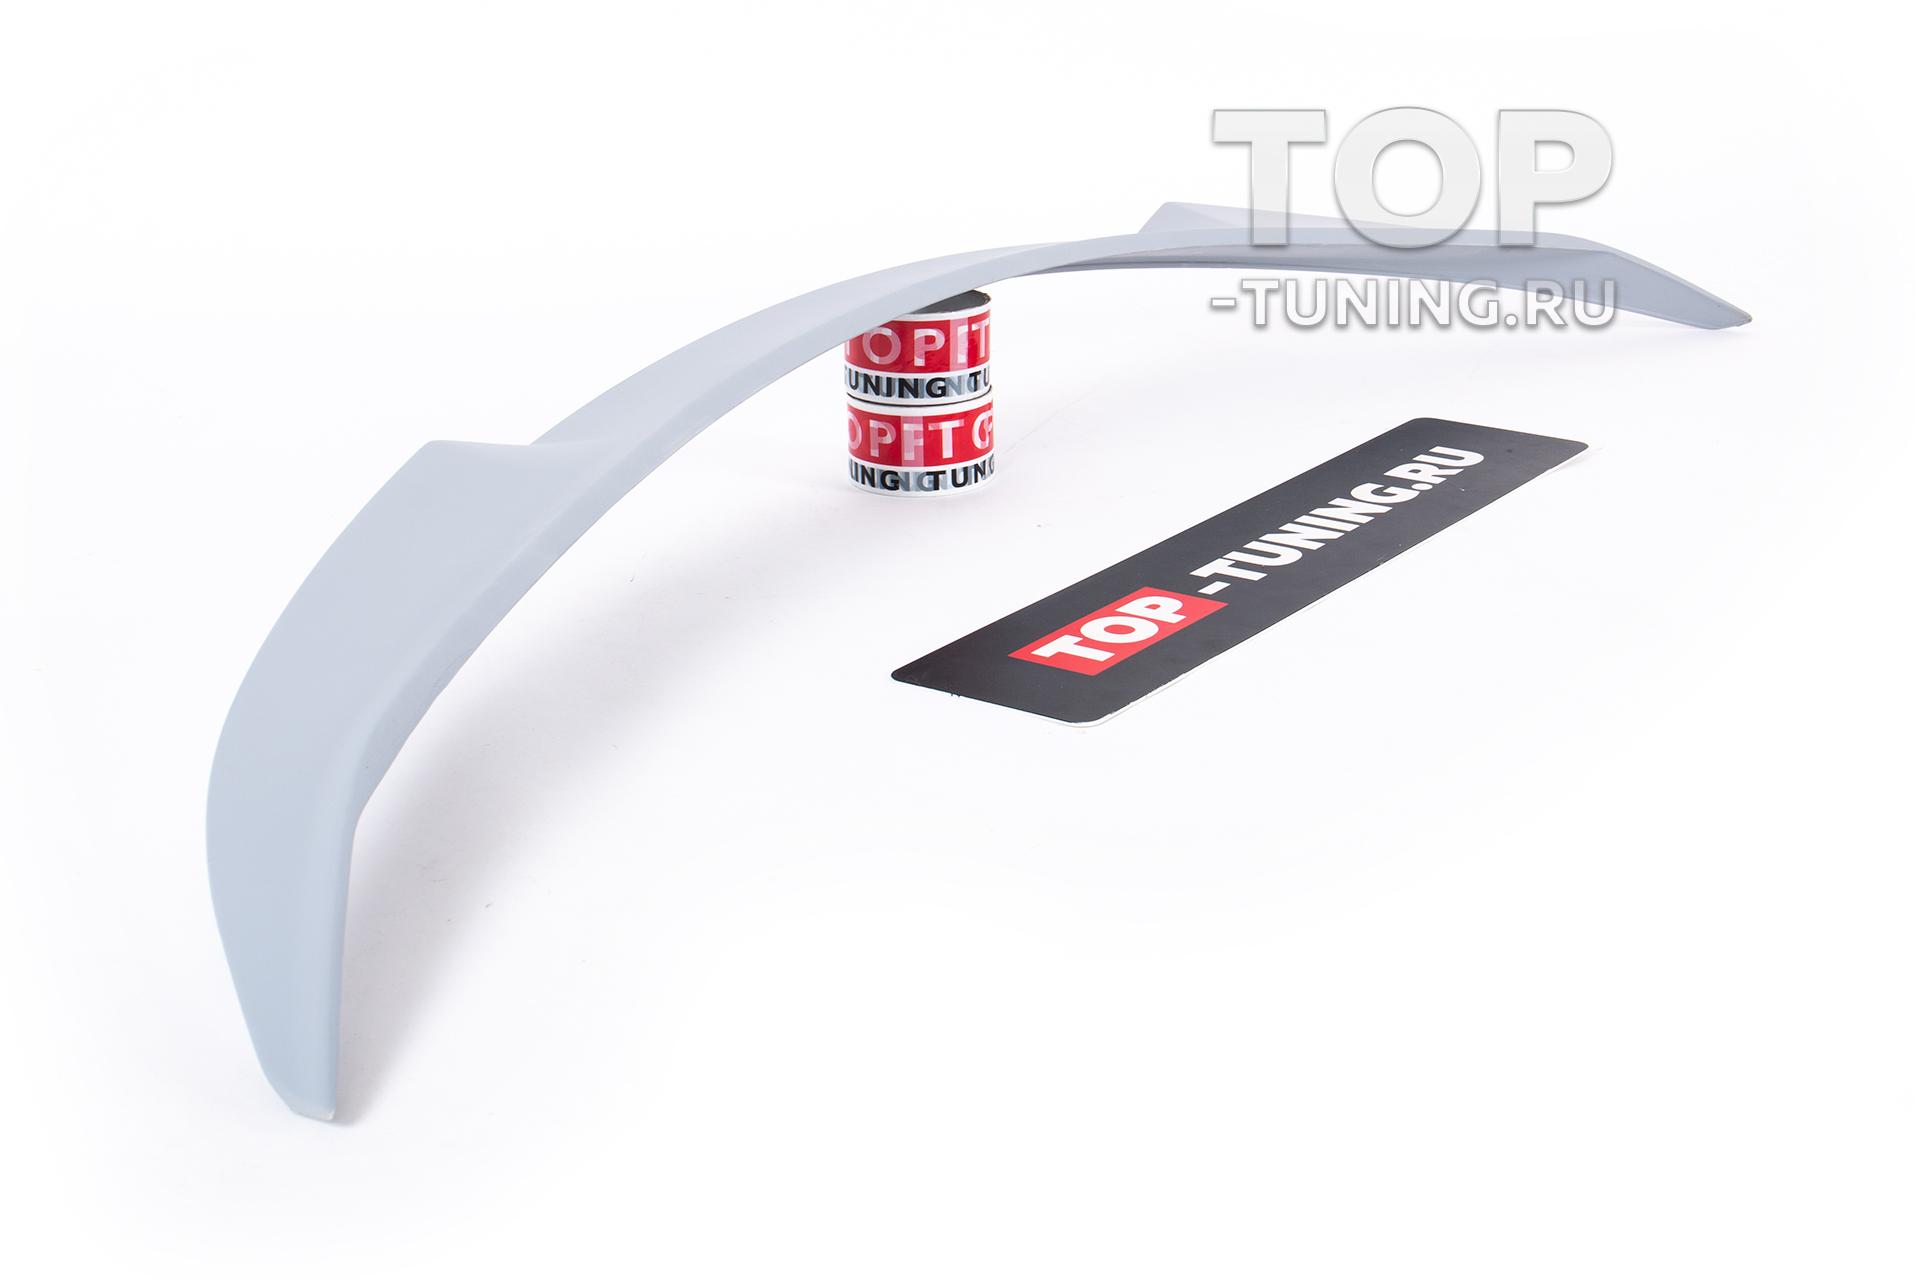 Купить тюнинг спойлер GT для Тойота Камри 70